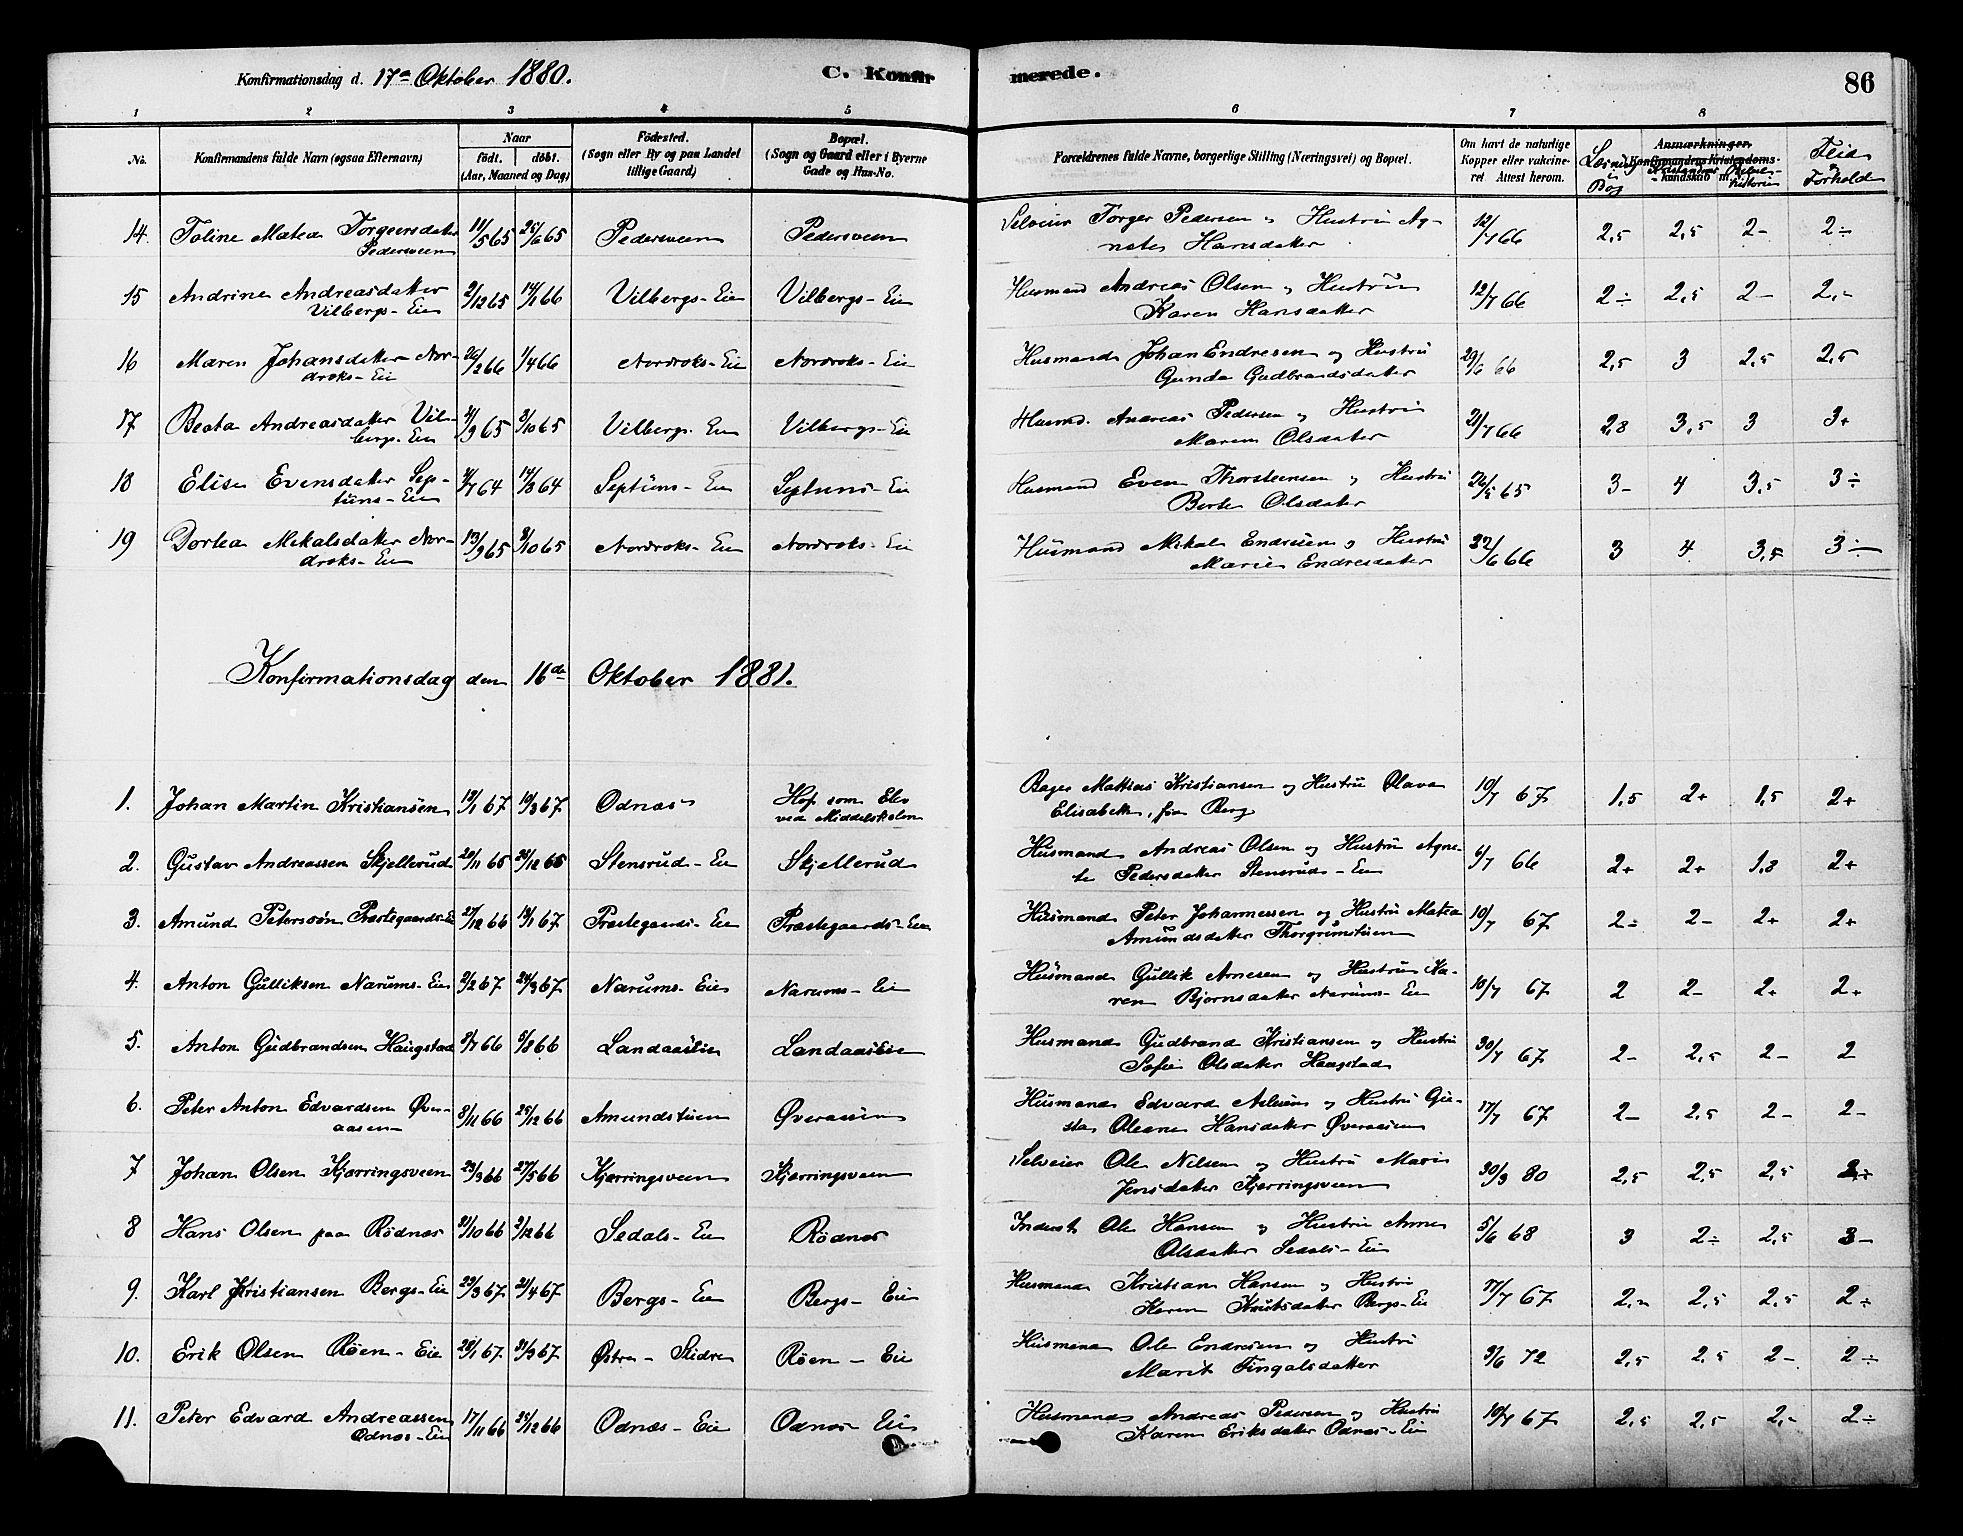 SAH, Søndre Land prestekontor, K/L0002: Ministerialbok nr. 2, 1878-1894, s. 86